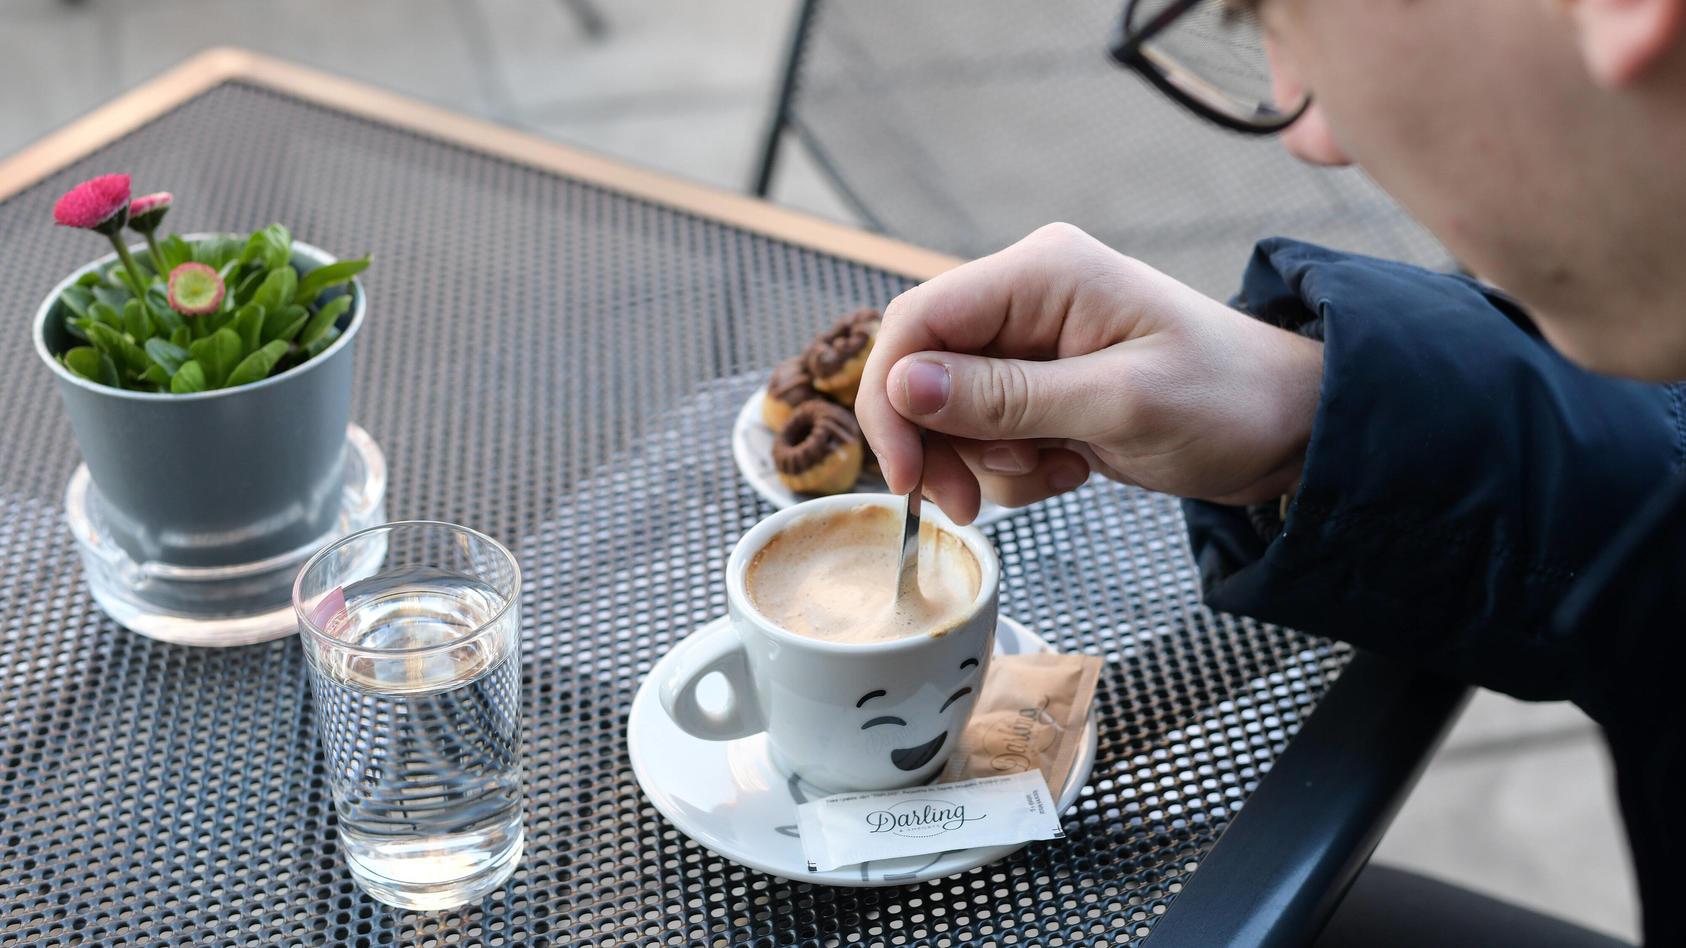 Mann in Café rührt in seinem Kaffee.